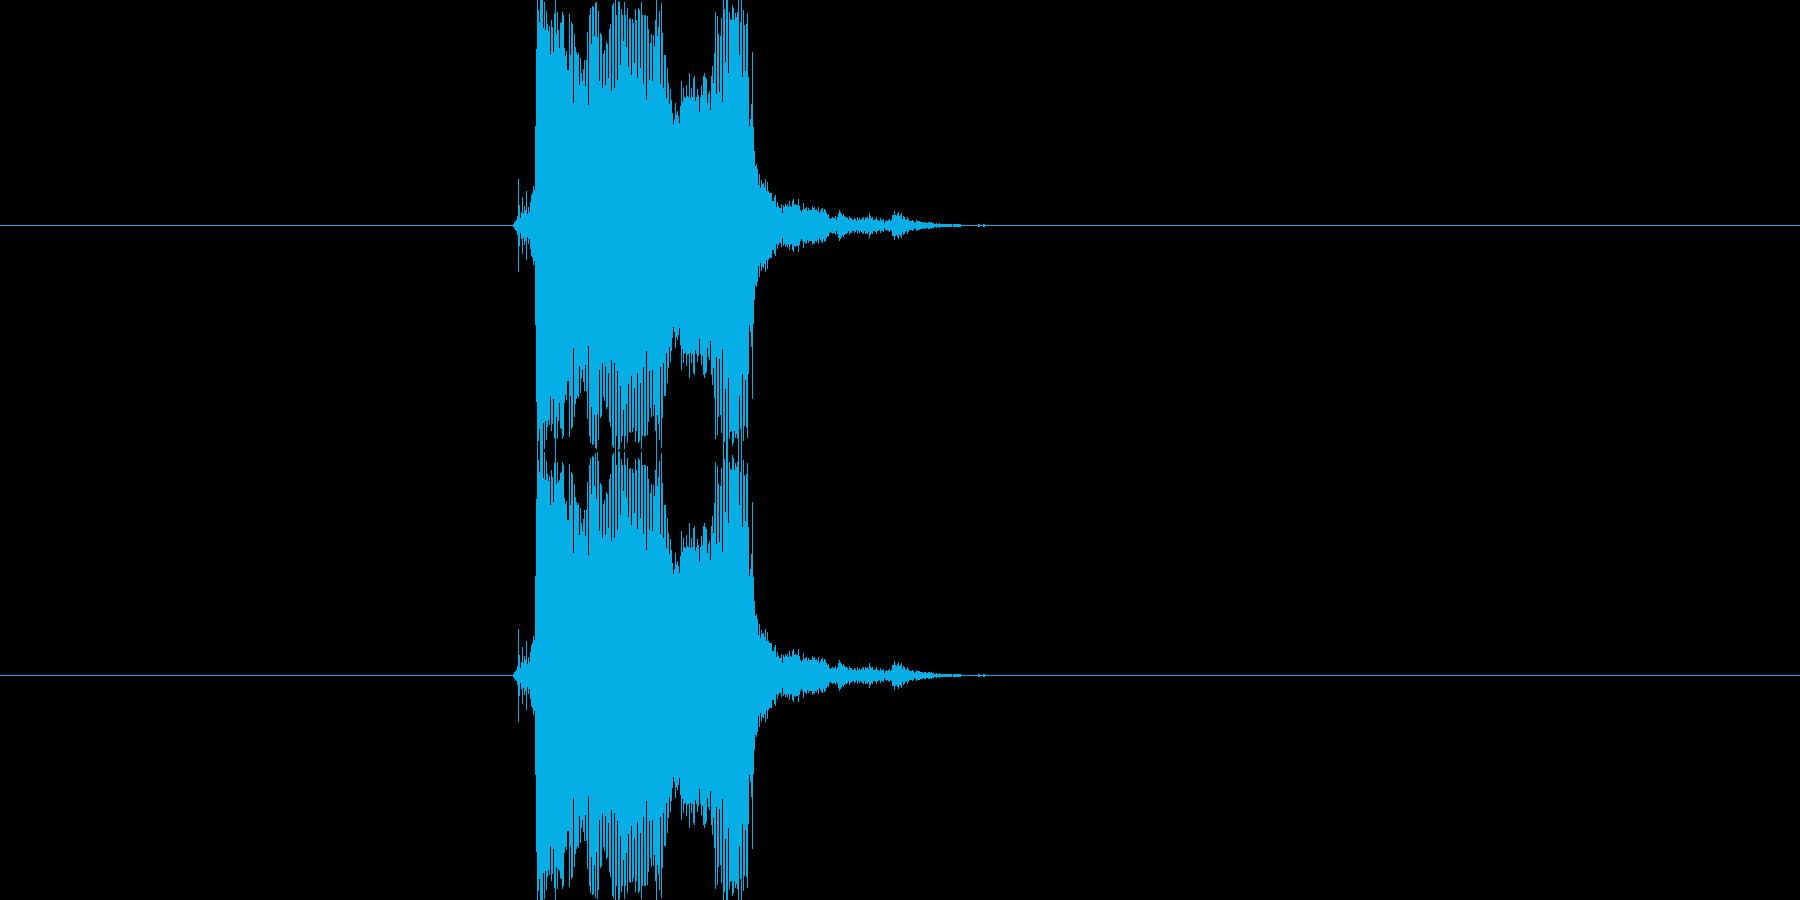 【生音】【ビーー!】原付のクラクションの再生済みの波形